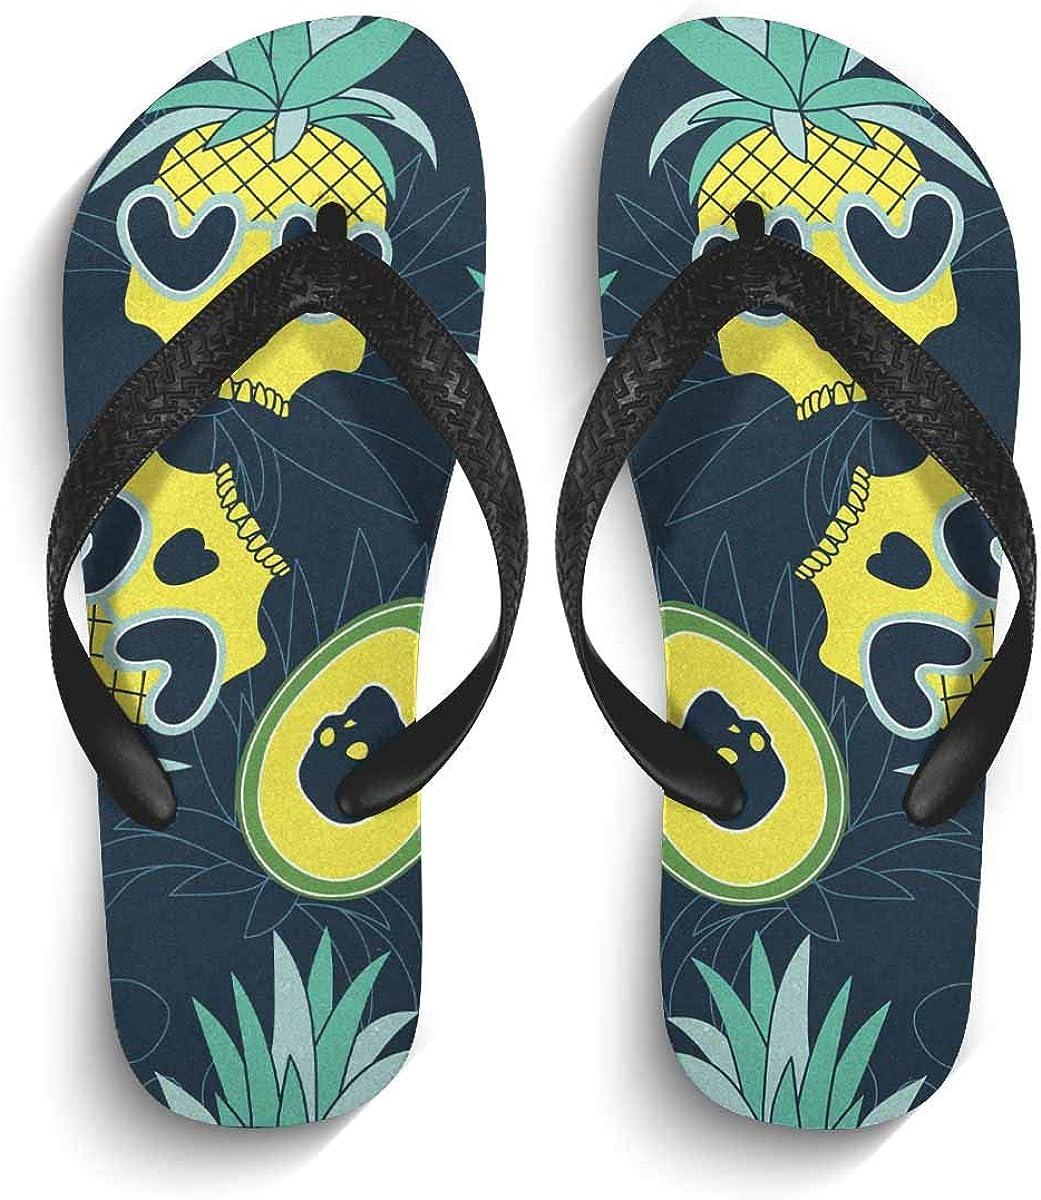 INTERESTPRINT Men's Non-Slip Flip Flop Slippers Sugar Skull Pattern Day of the Dead Beach Thong Sandal